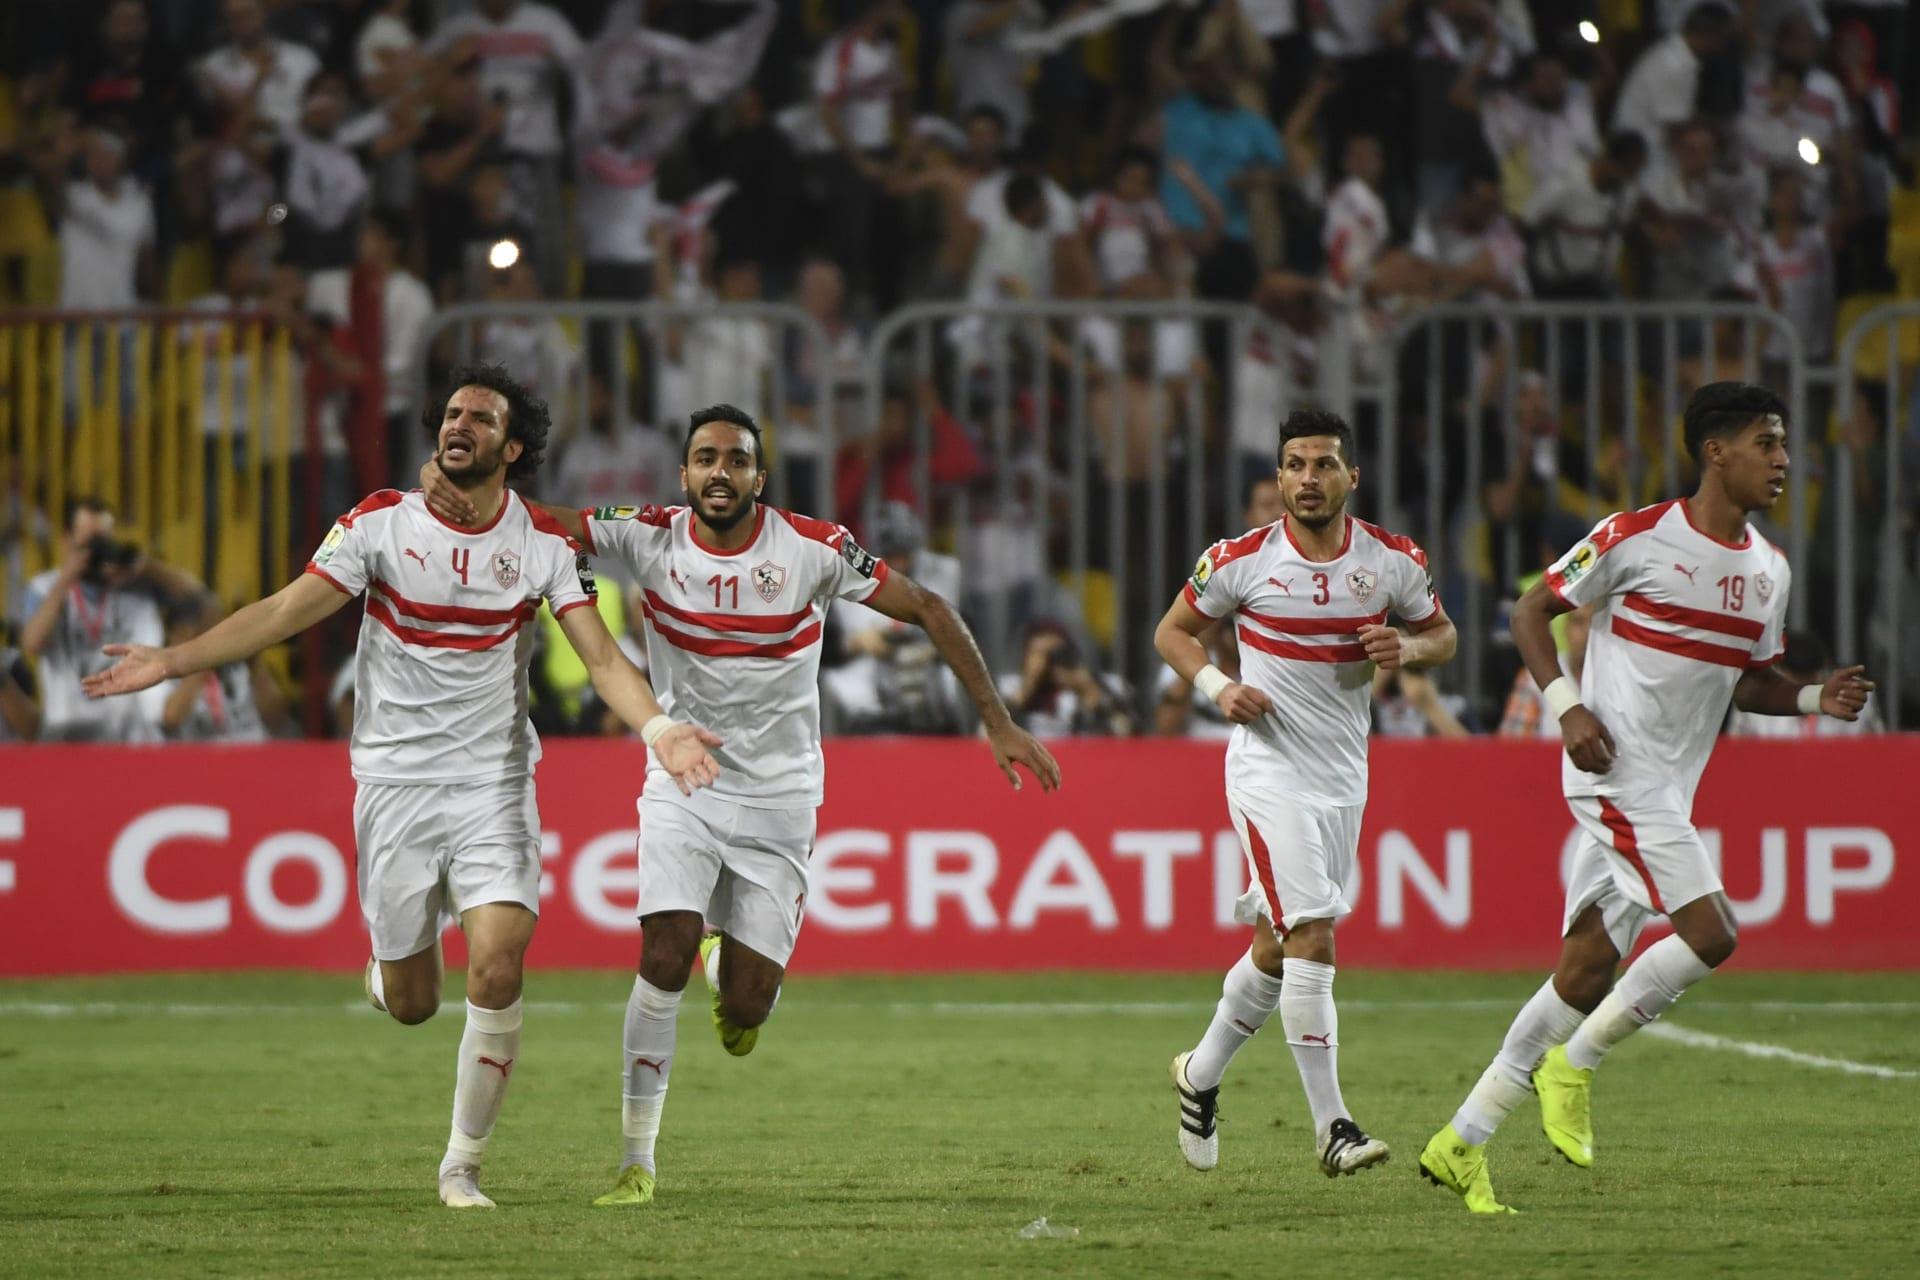 قطر تتعهد بحماية بعثة الزمالك في كأس السوبر الأفريقي.. فما موقف الفريق المصري؟